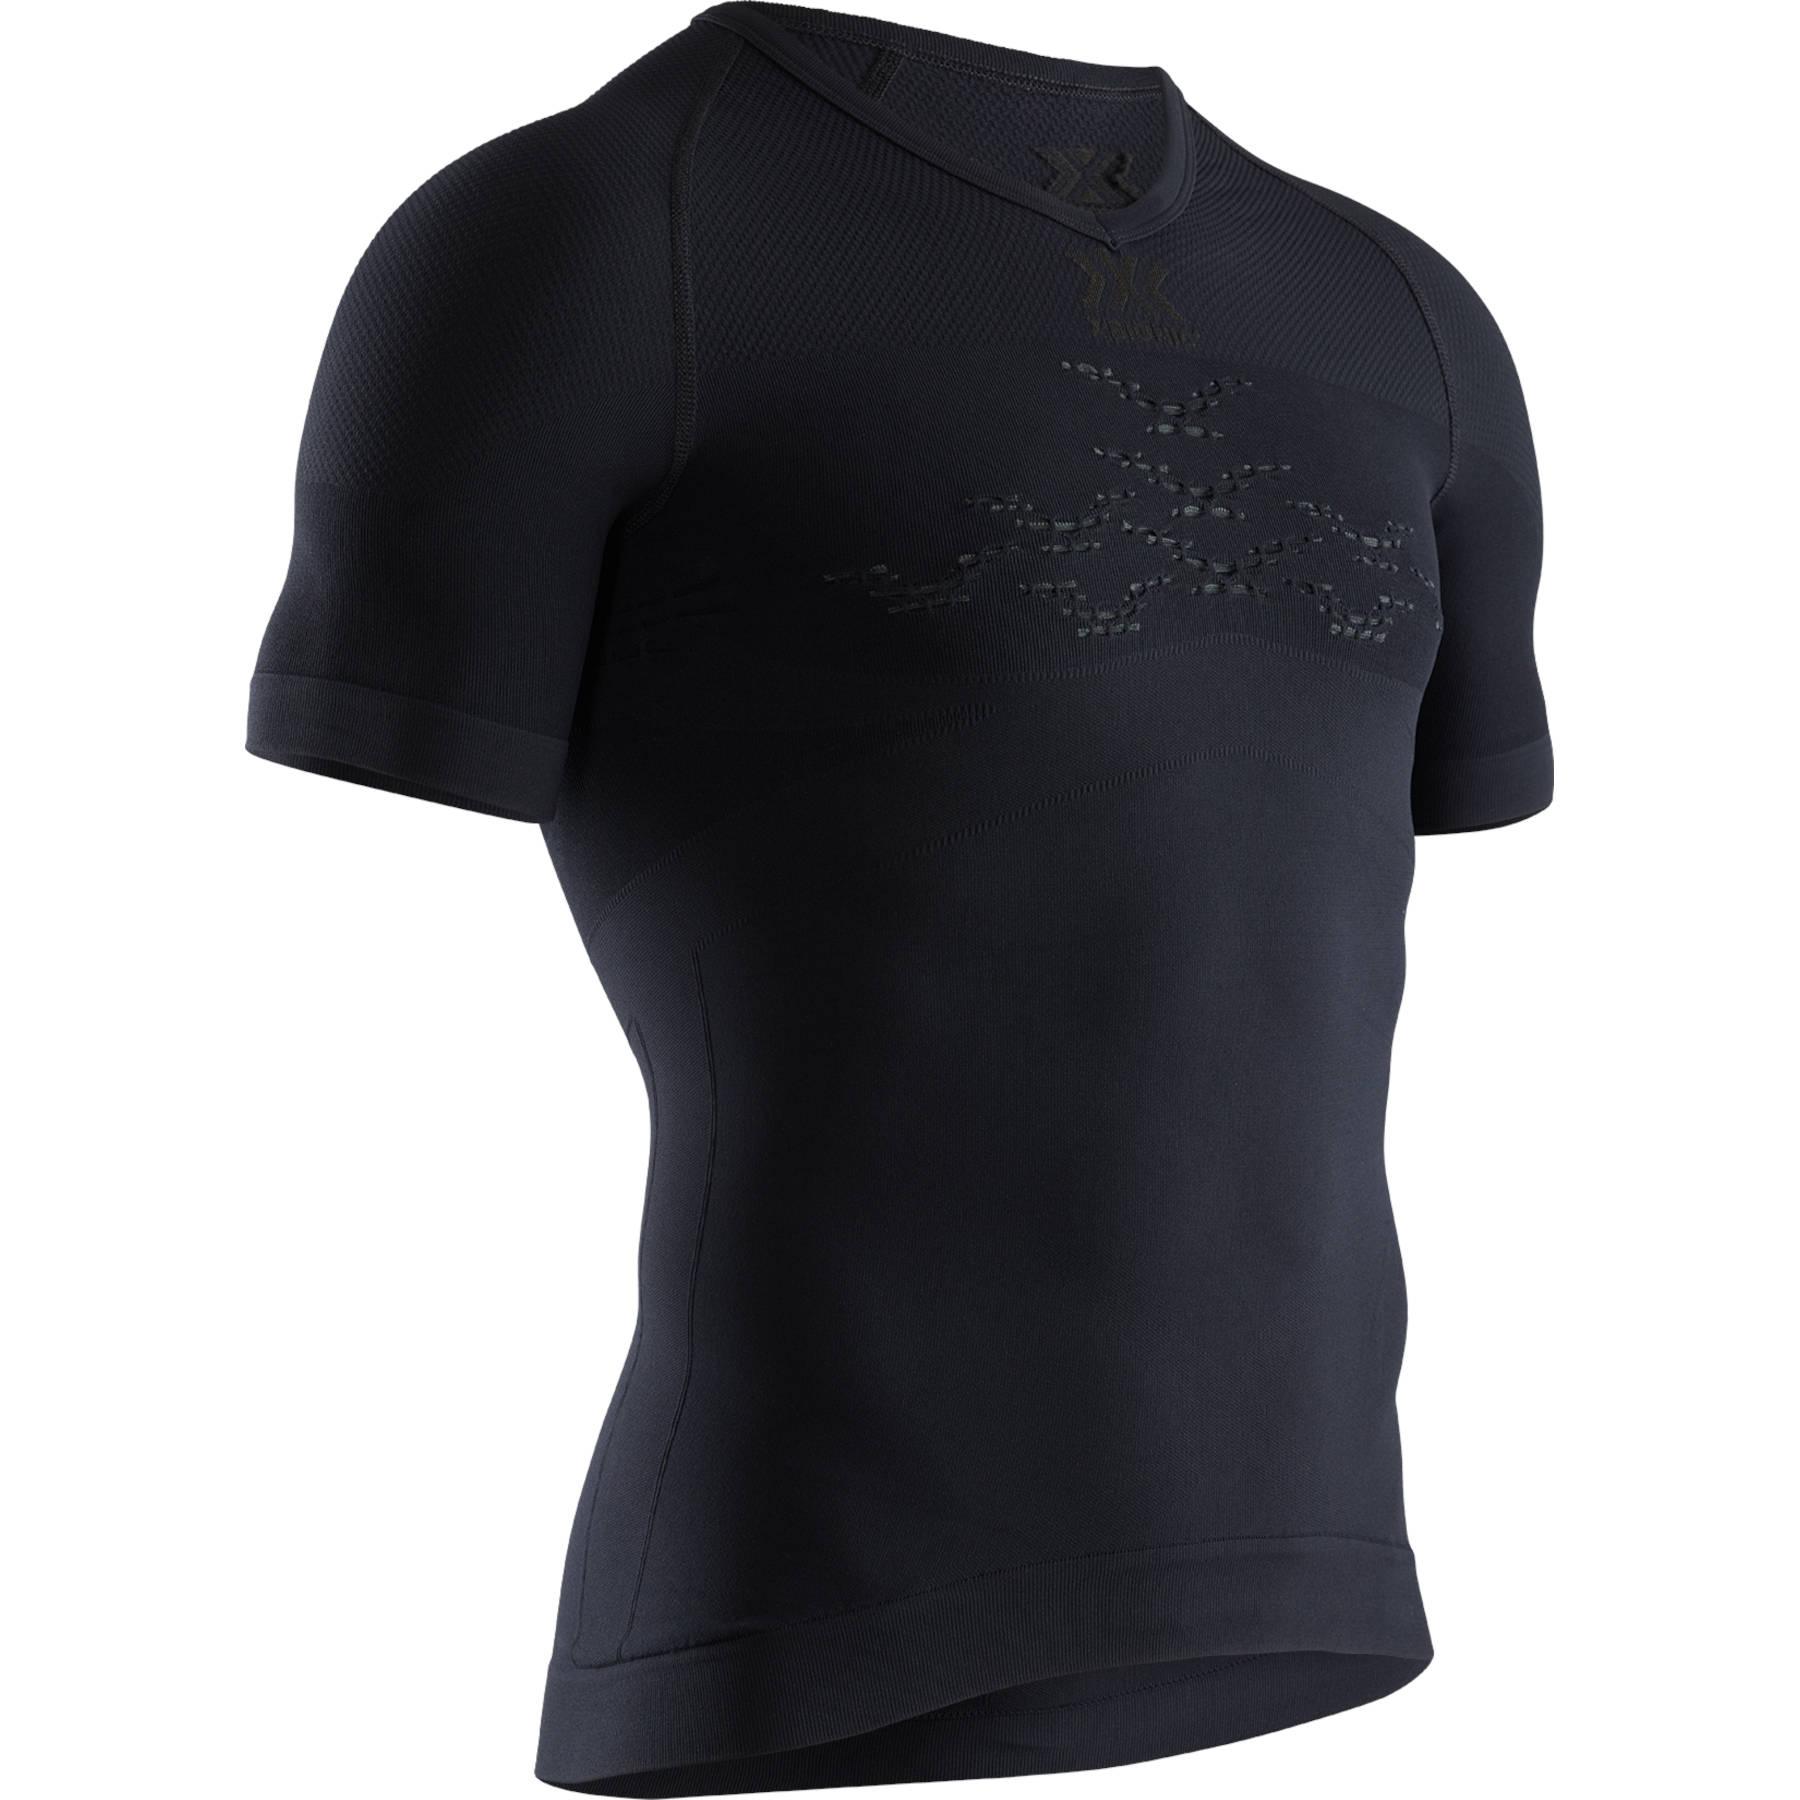 X-Bionic Energizer LT V-Neck Short Sleeves Shirt for Men - opal black/arctic white